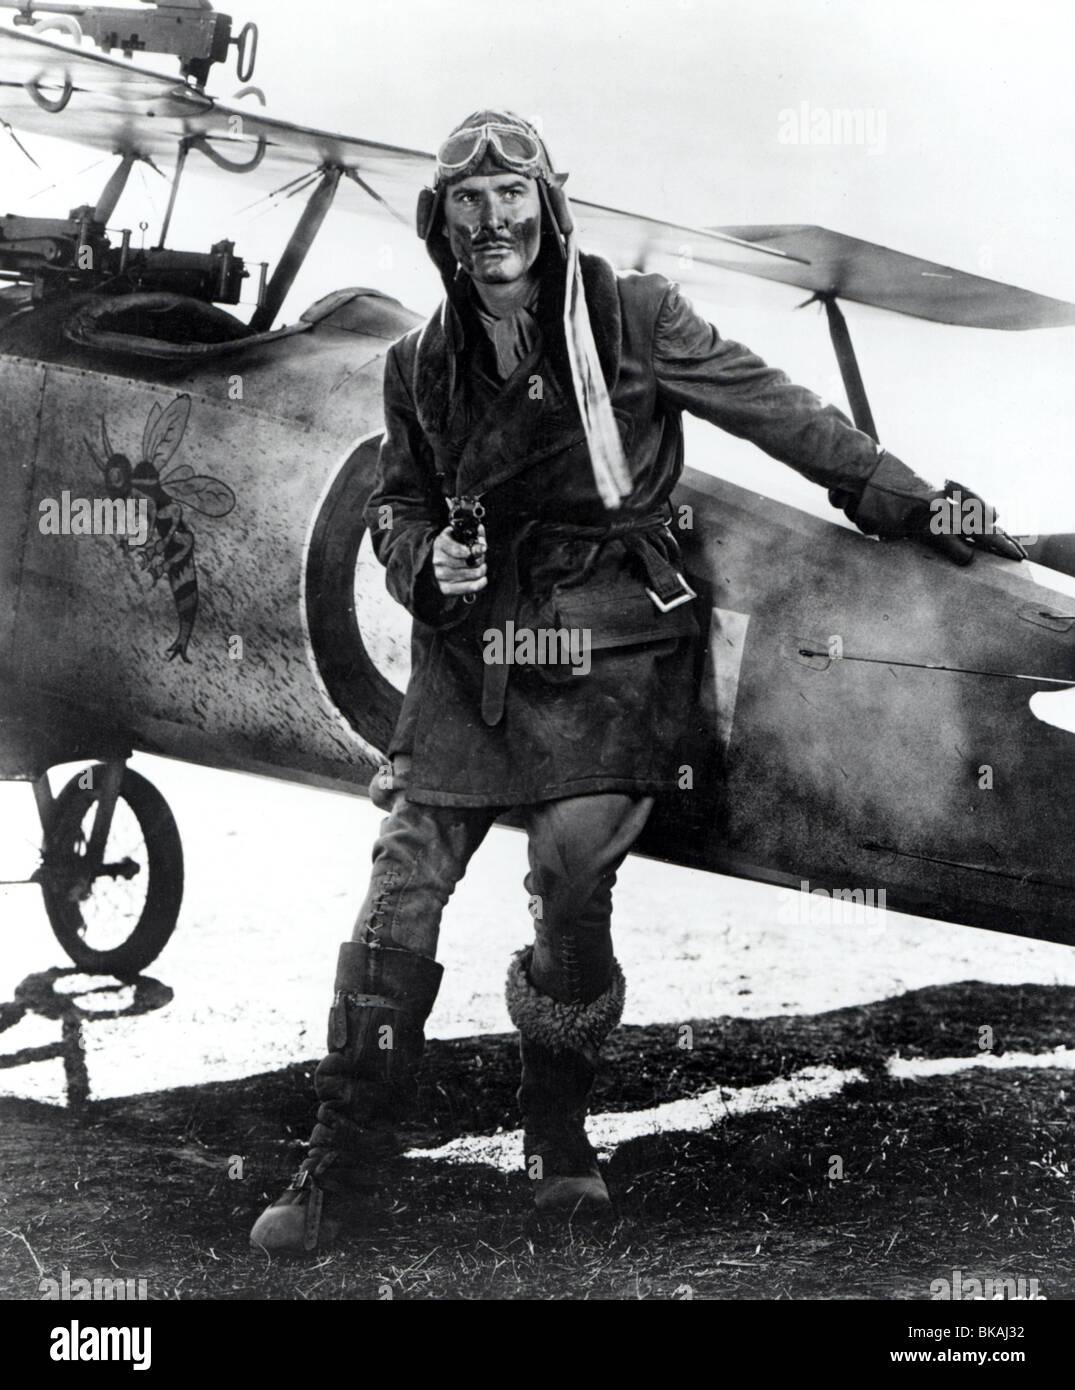 THE DAWN PATROL (1938) ERROL FLYNN DAWP 006P - Stock Image